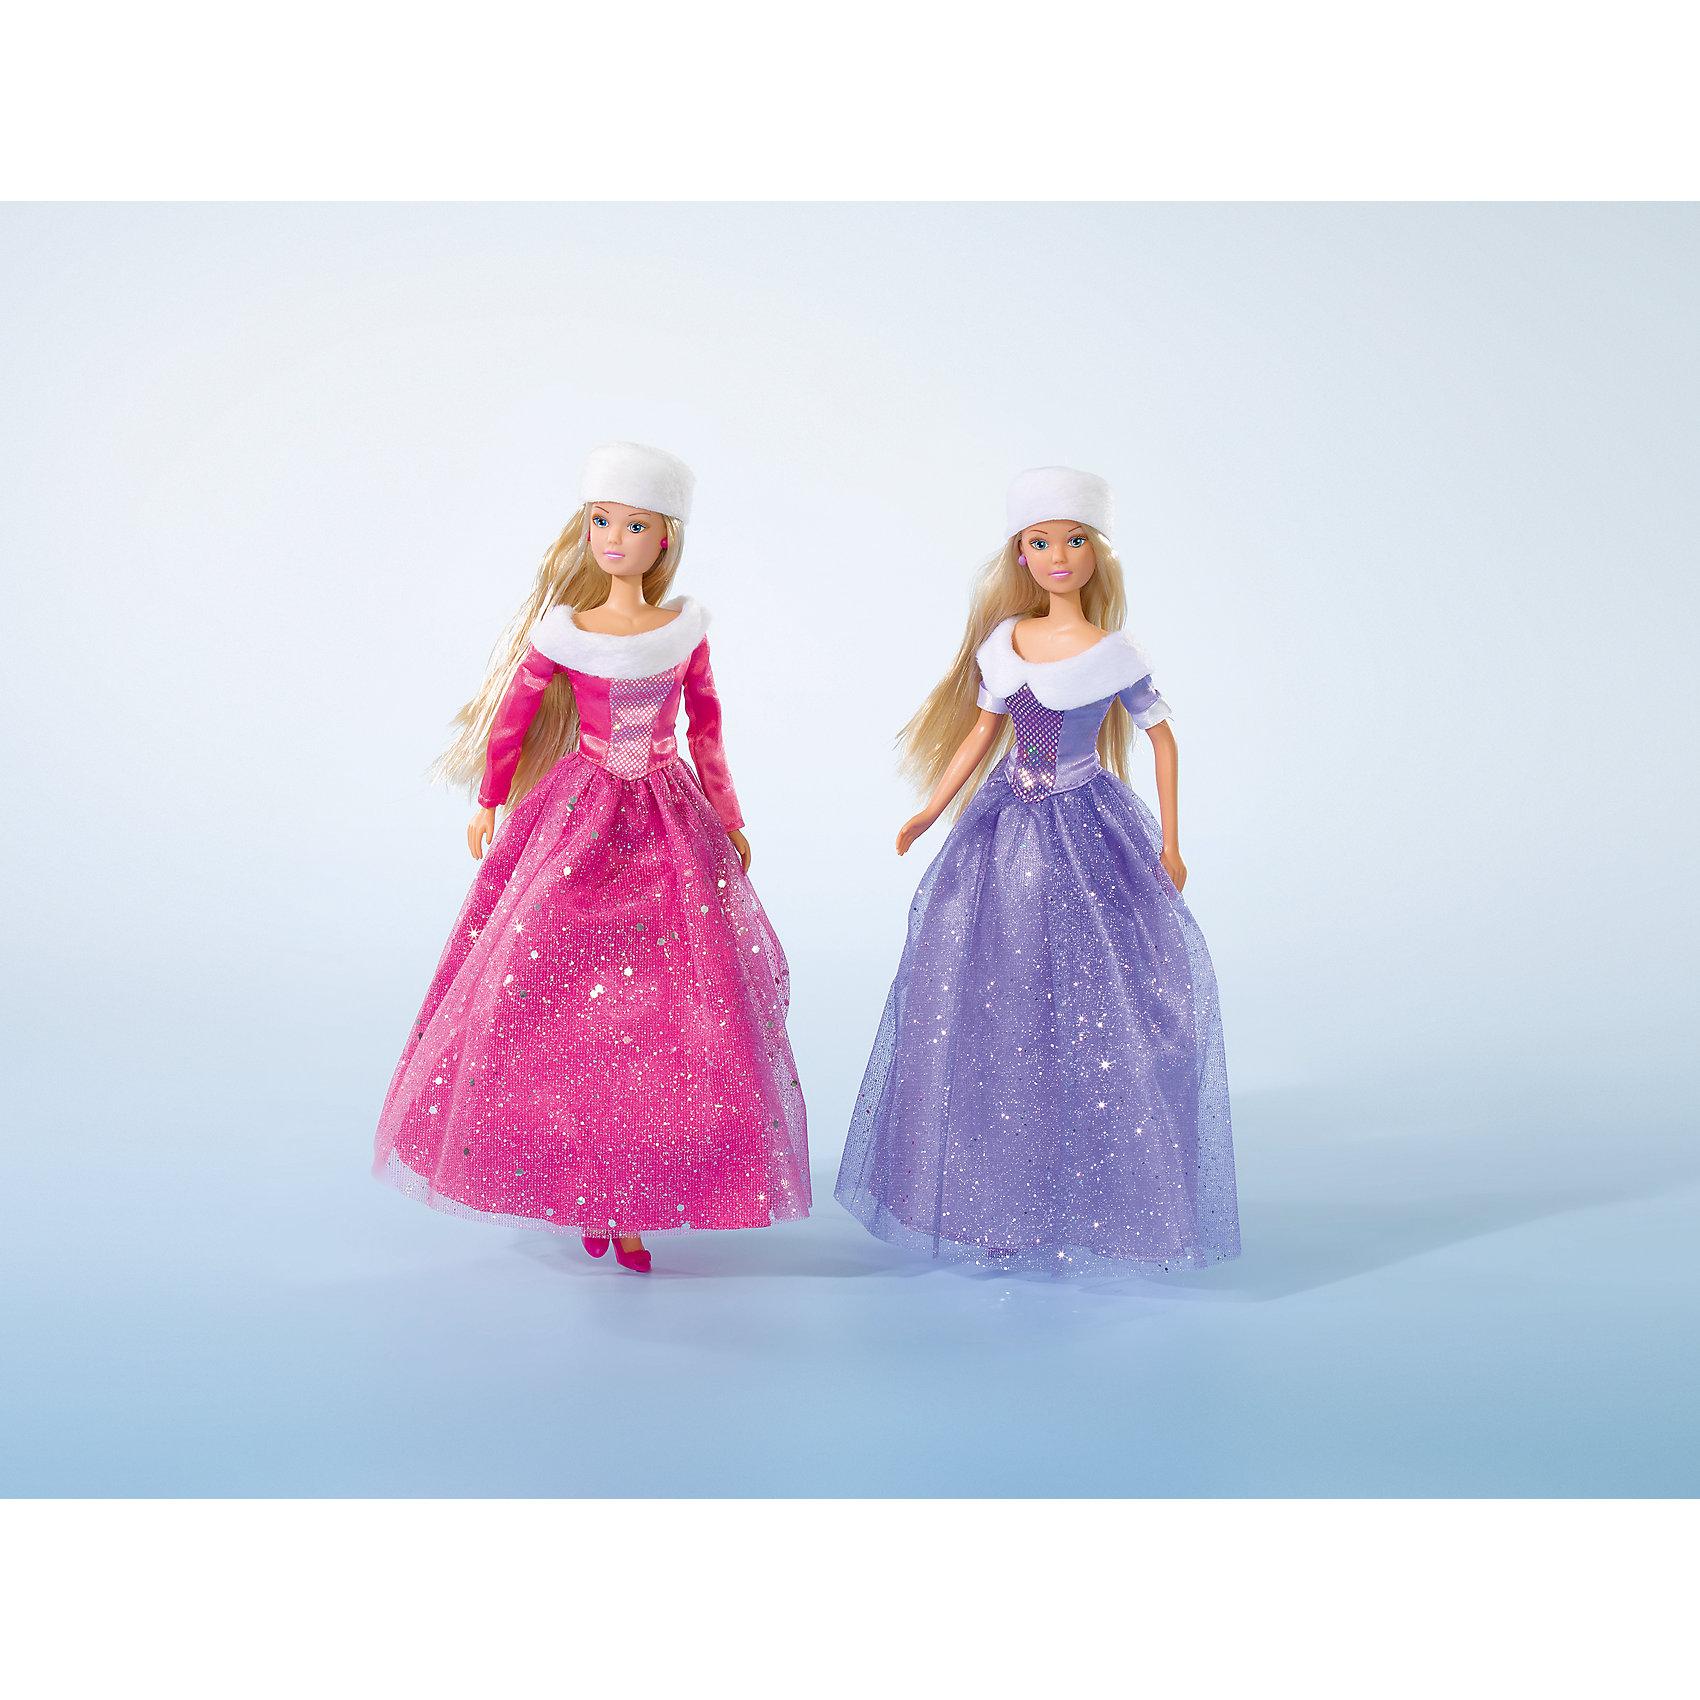 Кукла Штеффи в блестящем зимнем наряде, 29 см, SimbaБренды кукол<br>Характеристики товара:<br><br>- цвет: разноцветный;<br>- материал: пластик;<br>- возраст: от трех лет;<br>- комплектация: кукла, одежда;<br>- высота куклы: 29 см.<br><br>Эта симпатичная кукла Штеффи от известного бренда не оставит девочку равнодушной! Какая девочка сможет отказаться поиграть с куклой в таком шикарном наряде?! В набор входят аксессуары и одежда для игр с куклой. Игрушка очень качественно выполнена, поэтому она станет замечательным подарком ребенку. <br>Продается набор в красивой удобной упаковке. Изделие произведено из высококачественного материала, безопасного для детей.<br><br>Куклу Штеффи в блестящем зимнем наряде, 29 см, от бренда Simba можно купить в нашем интернет-магазине.<br><br>Ширина мм: 50<br>Глубина мм: 160<br>Высота мм: 330<br>Вес г: 310<br>Возраст от месяцев: 36<br>Возраст до месяцев: 120<br>Пол: Женский<br>Возраст: Детский<br>SKU: 5119512